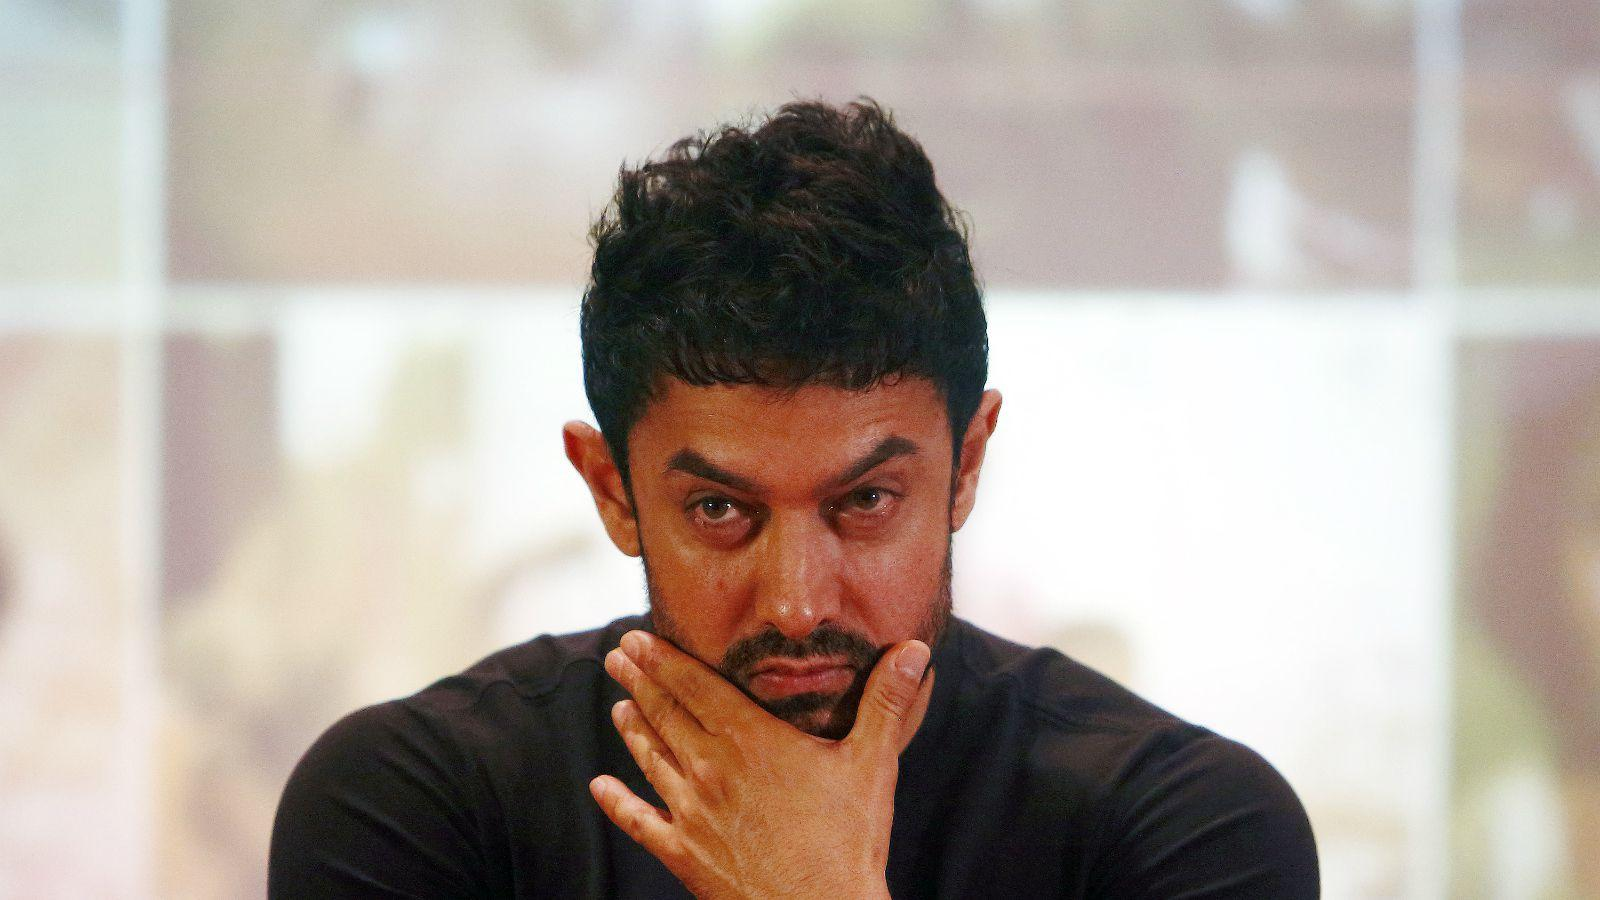 आमिर खान जास्तीत जास्त फळं, हिरव्या भाज्या खातो. ताक पितो. डिनरला चिकन तंदुरी आणि अंडी घेतो. चपातीत ज्वारी, बाजरी पिठ मिक्स करून खातो.